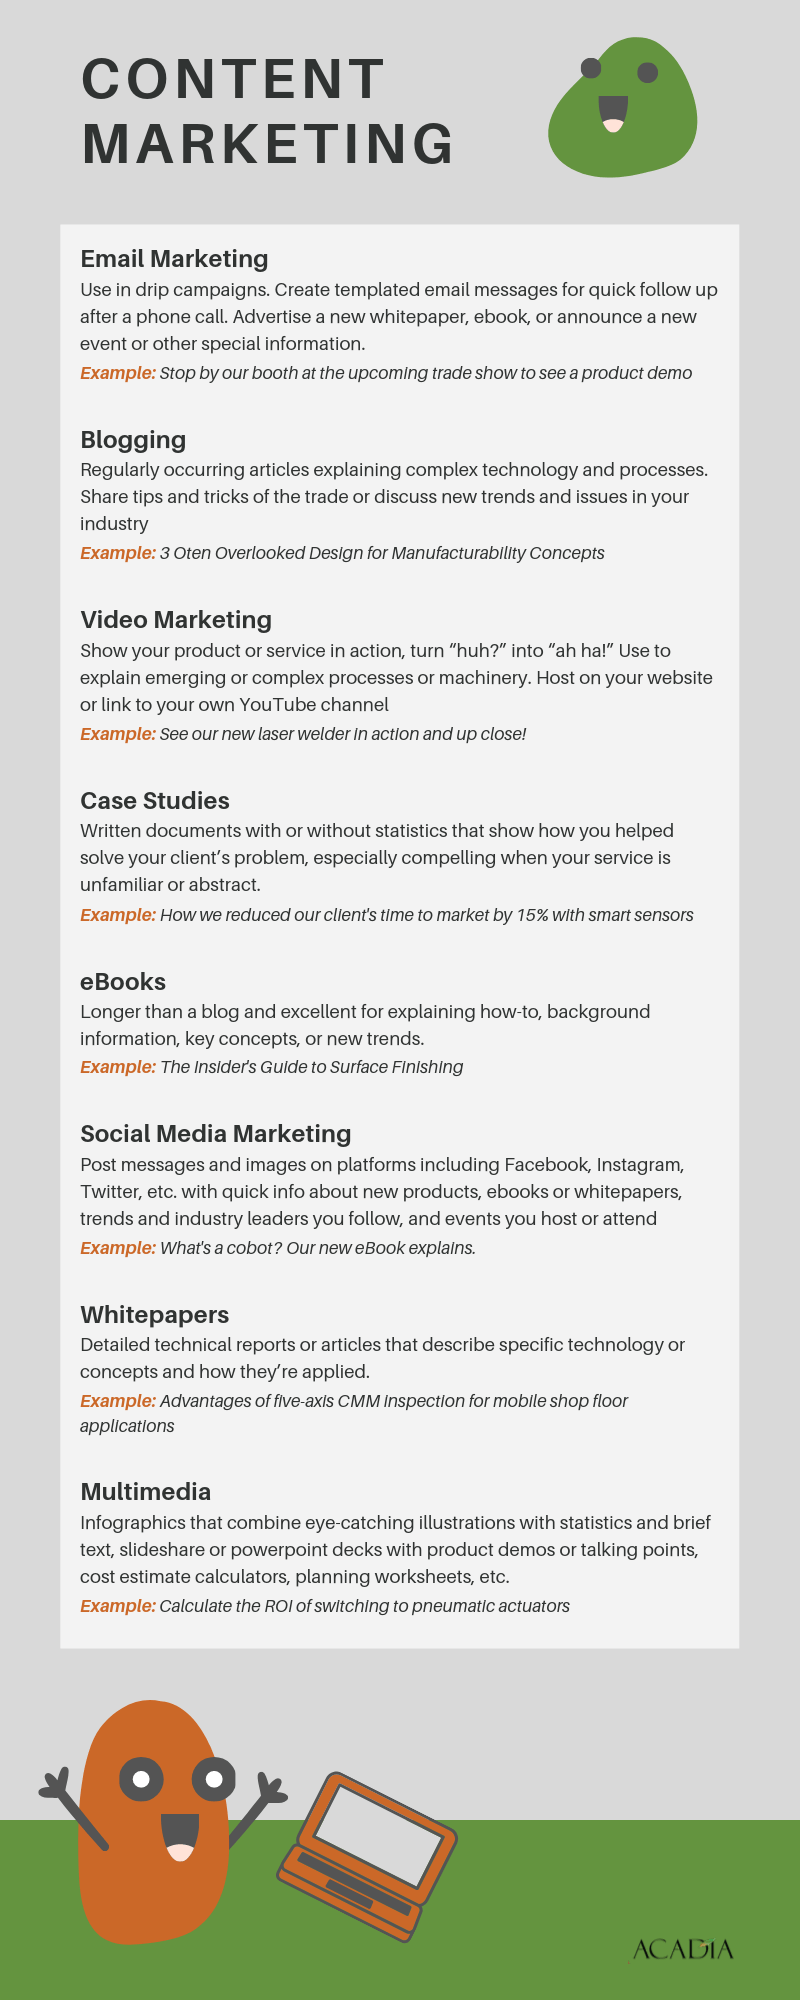 Content Marketing Tactics (1)